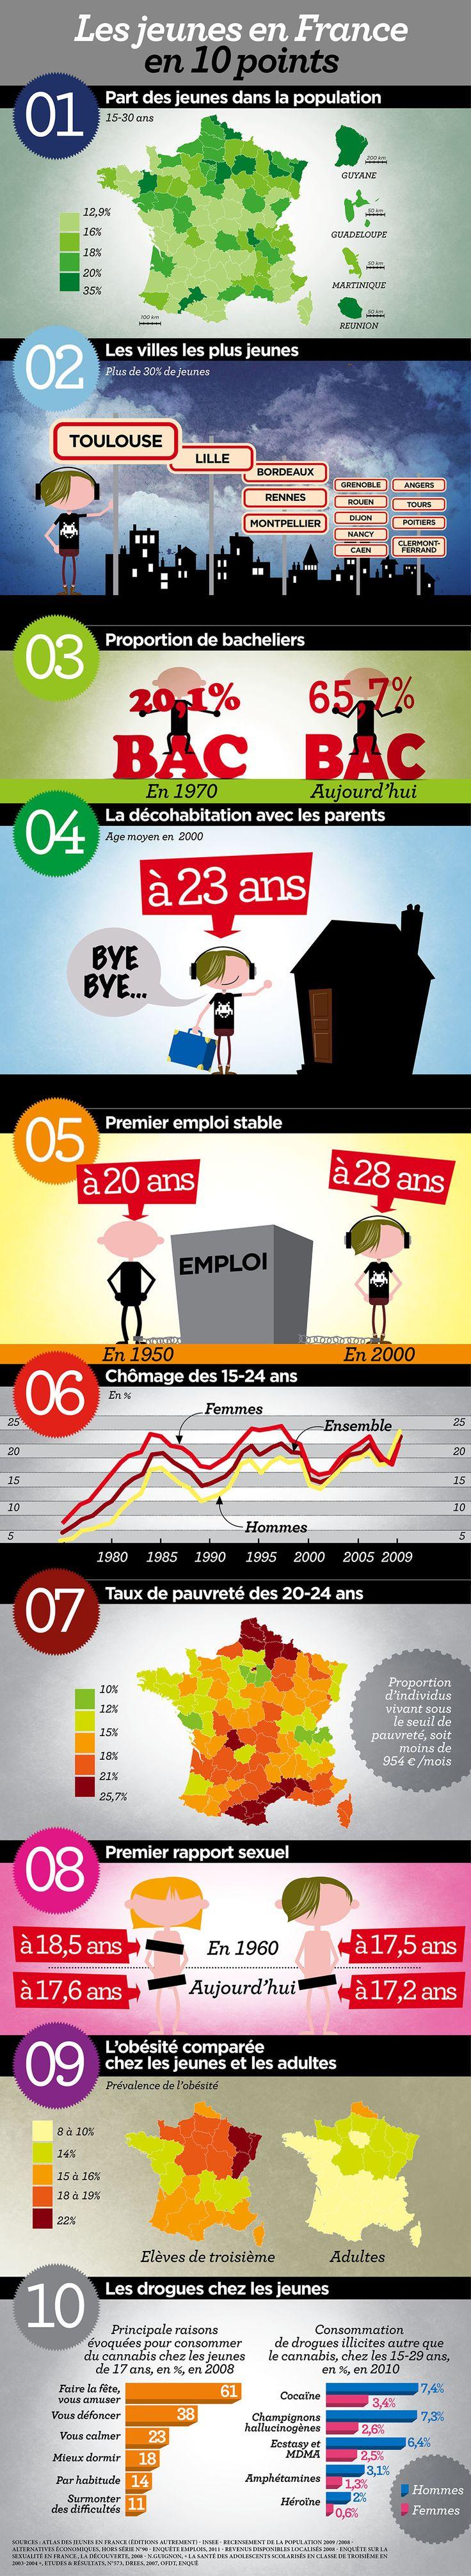 Les jeunes en France en 10 points. Pour travailler la comparaison. Sur le même modèle, chercher un sujet, comparer avec des dates puis présenter en utilisant la comparaison.